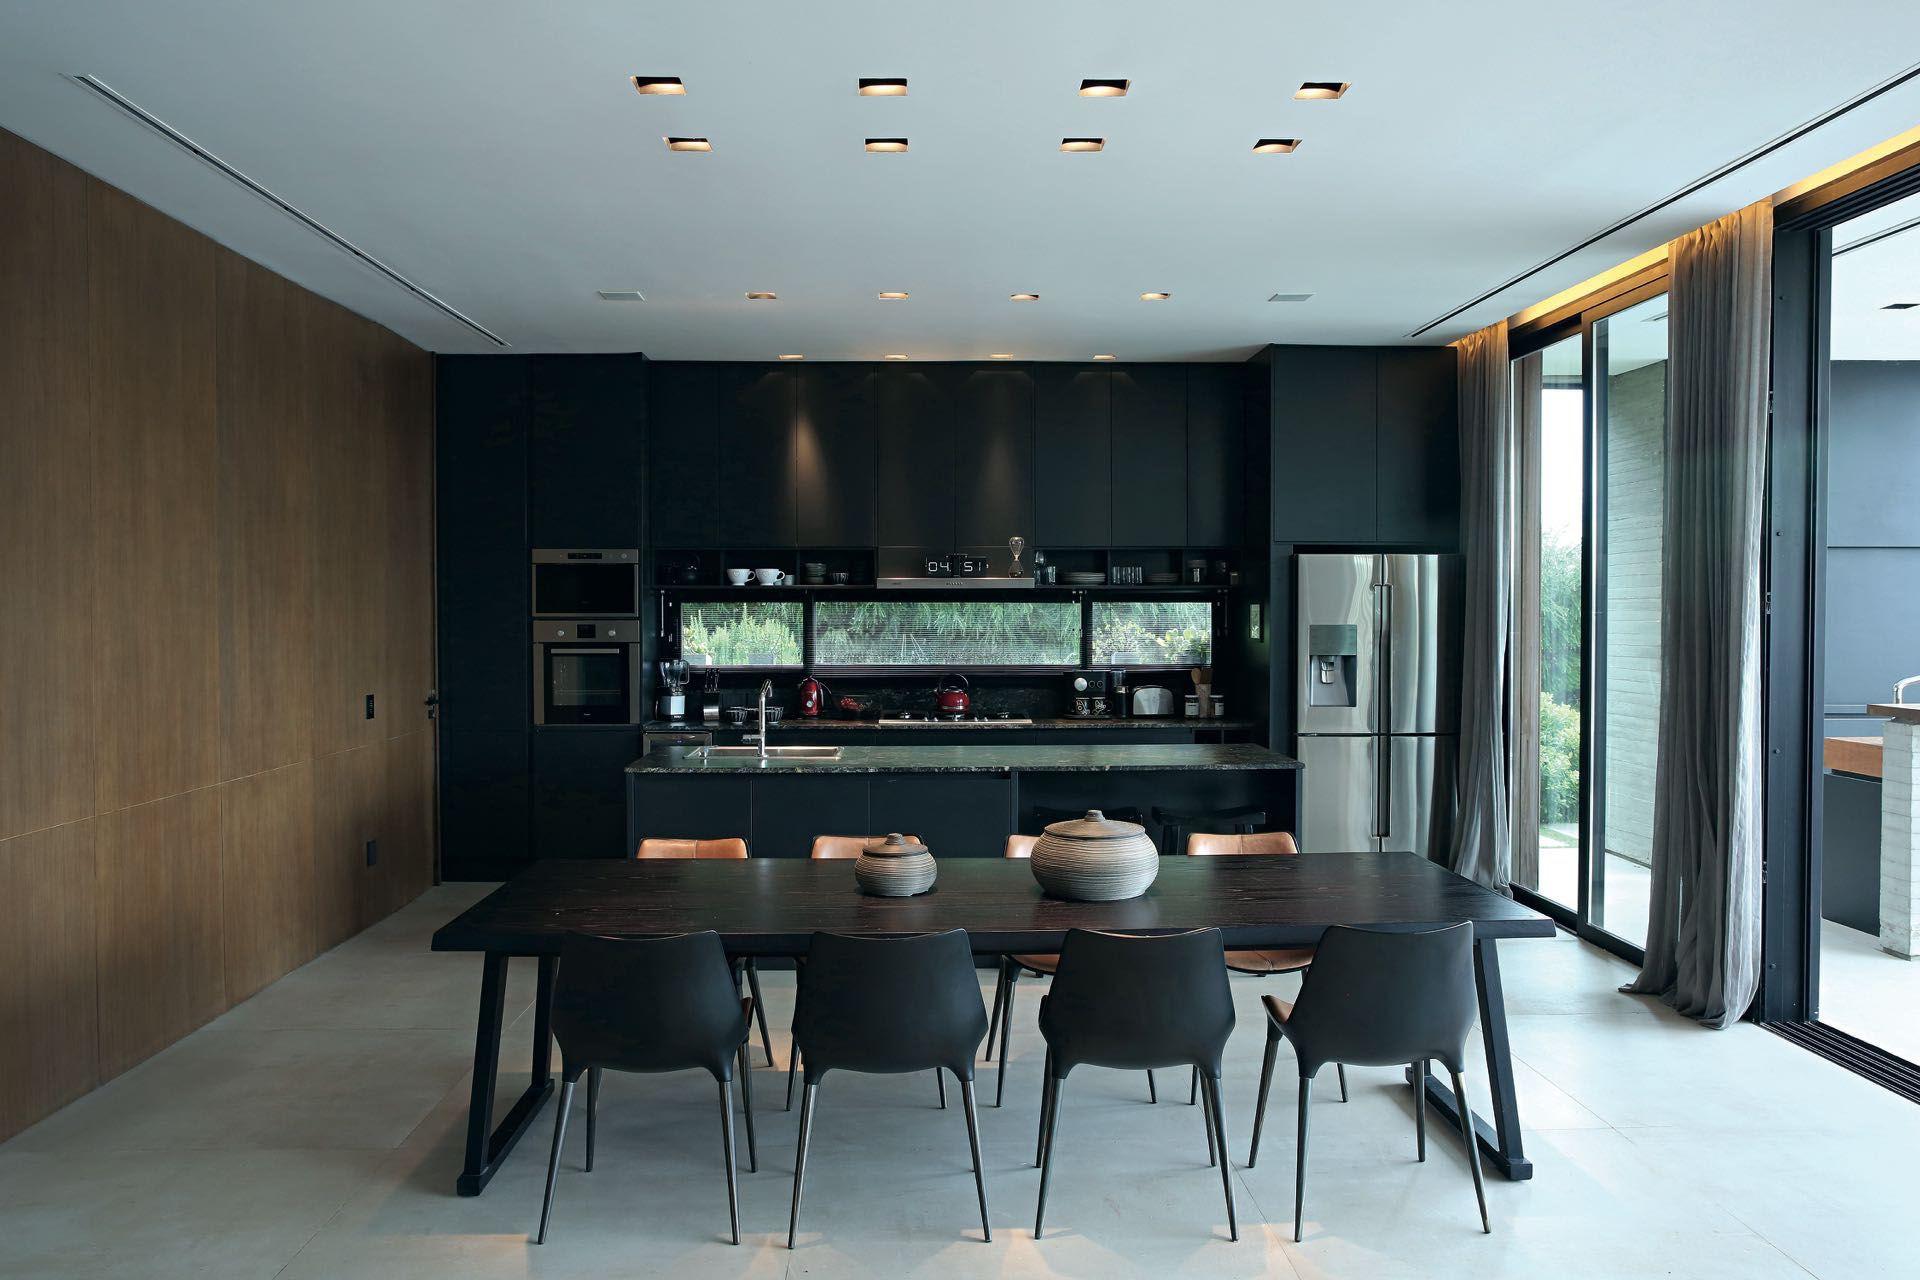 Madera oscura para los muebles del comedor y la cocina. Diseños depurados y funcionalidad a la carta.